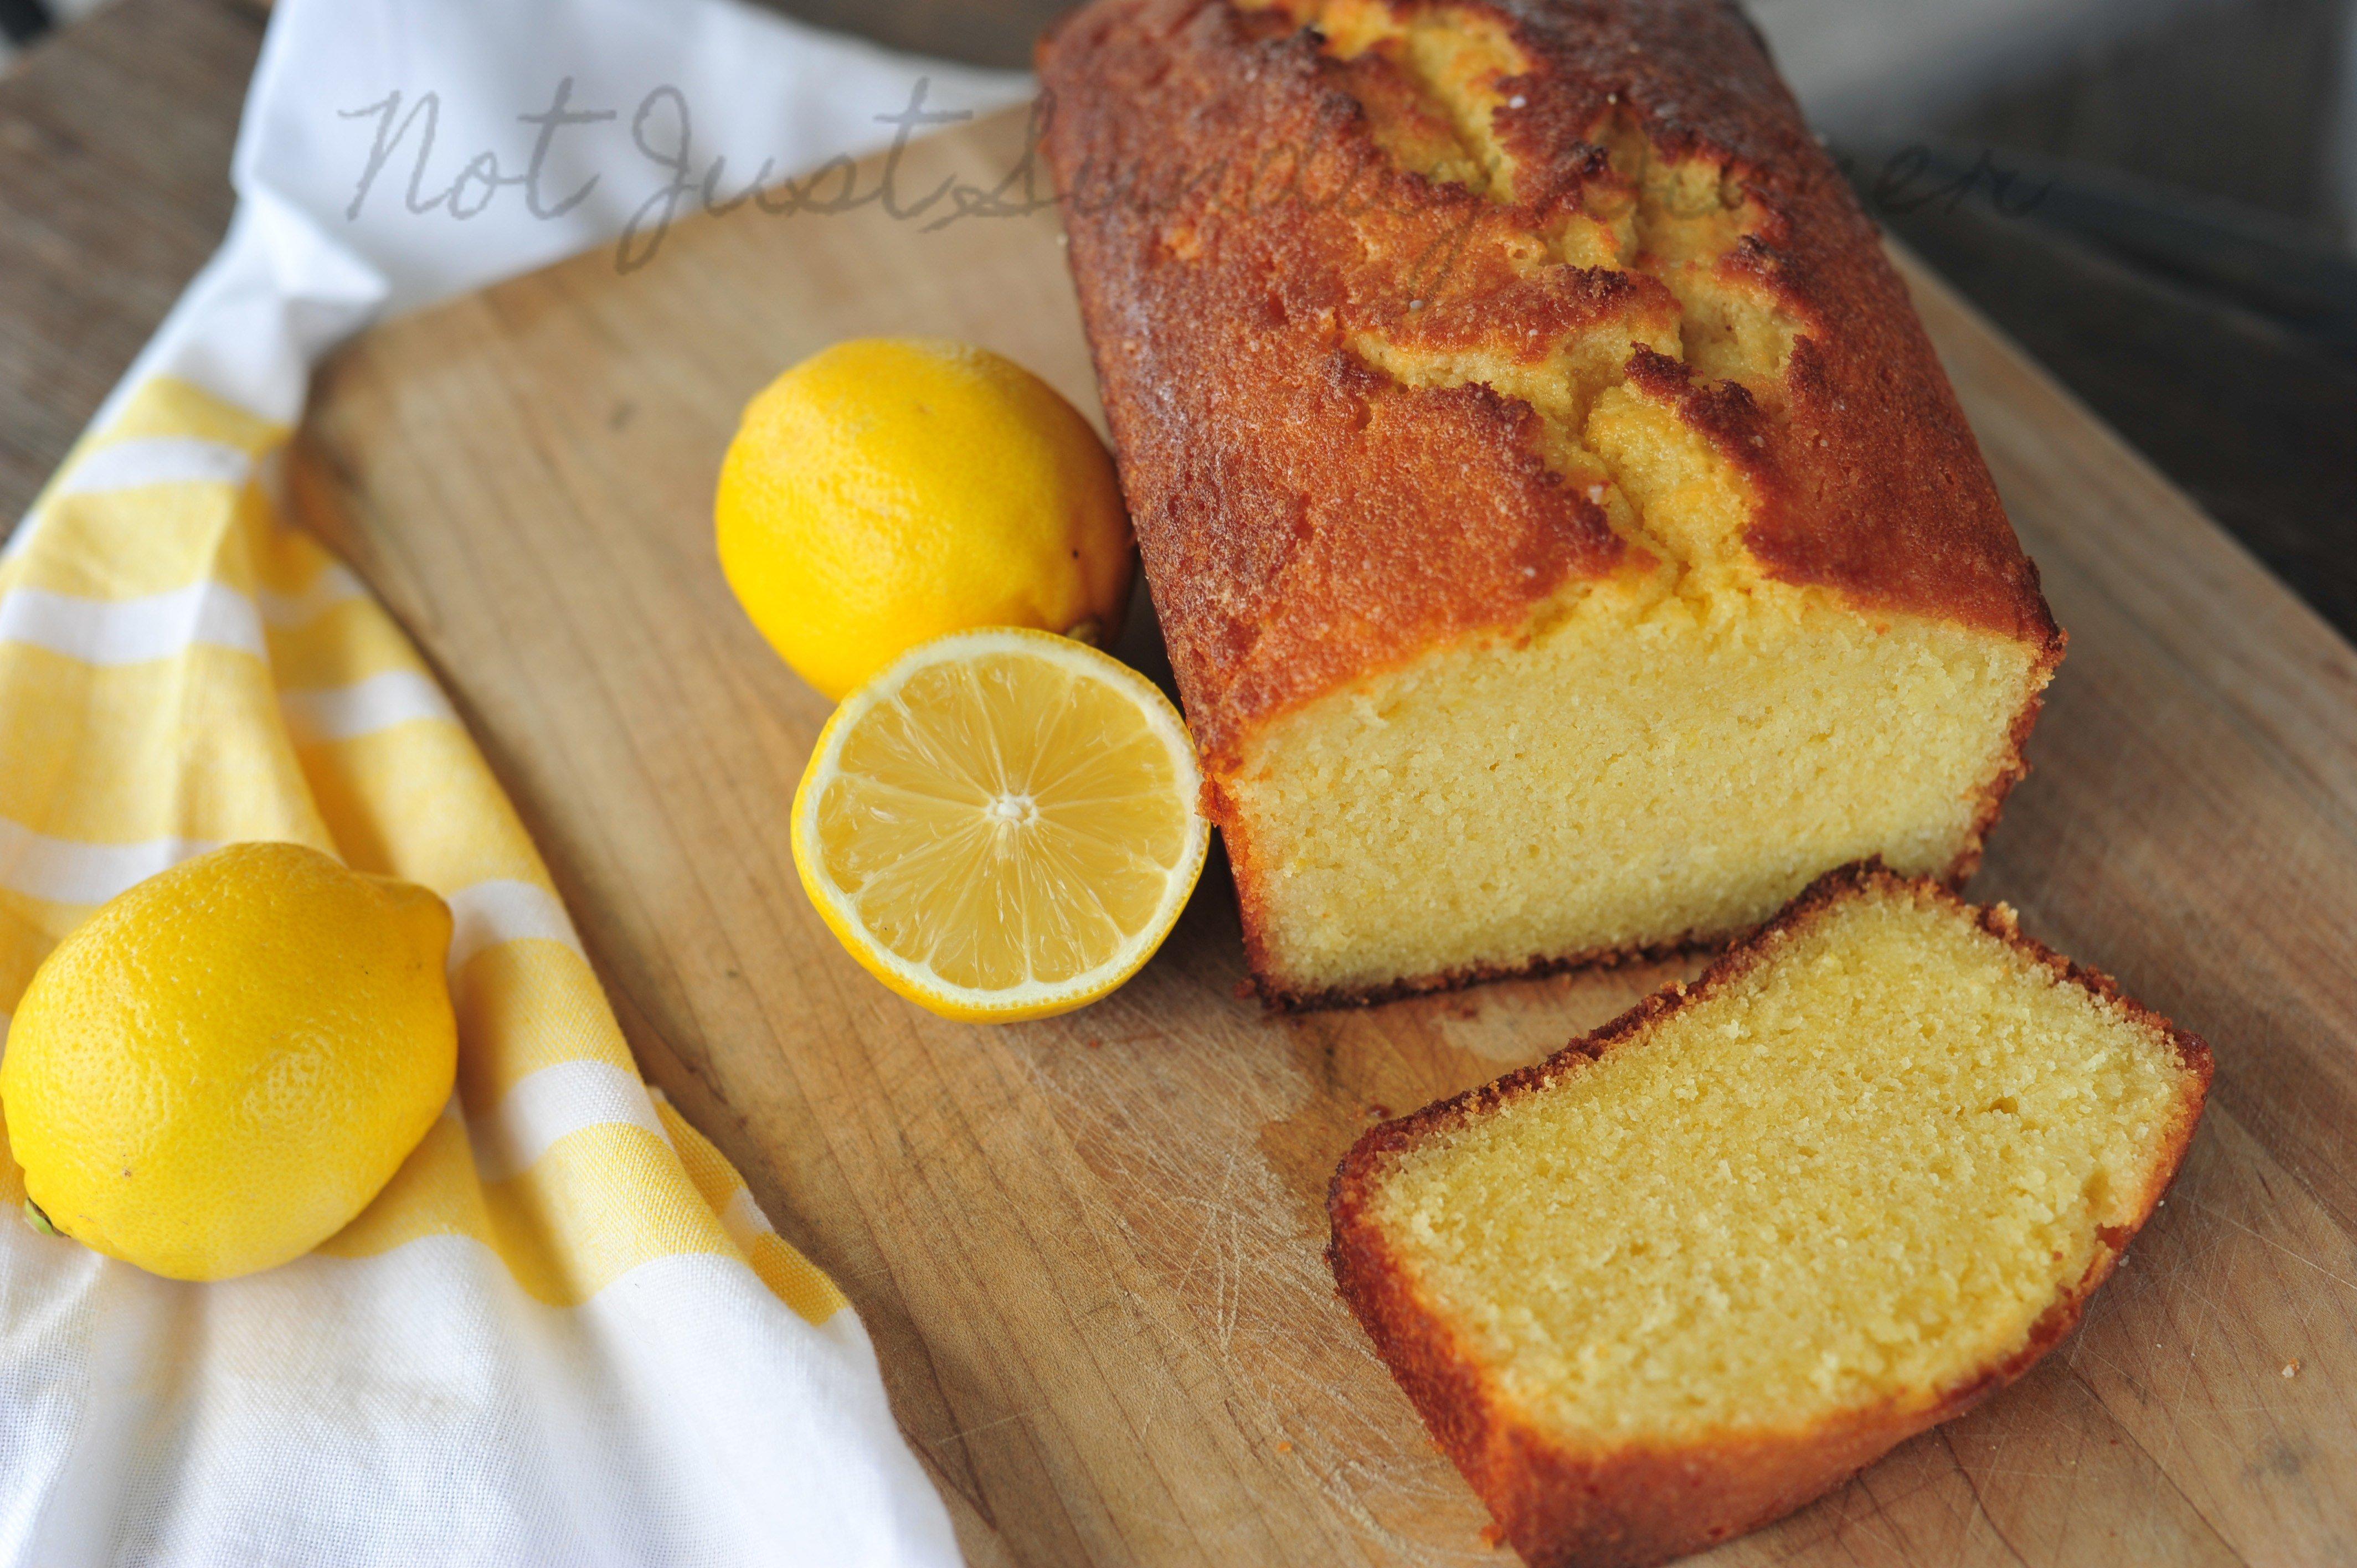 Le dessert du jour  le quatre,quarts au citron, tout simplement  irrésistible.